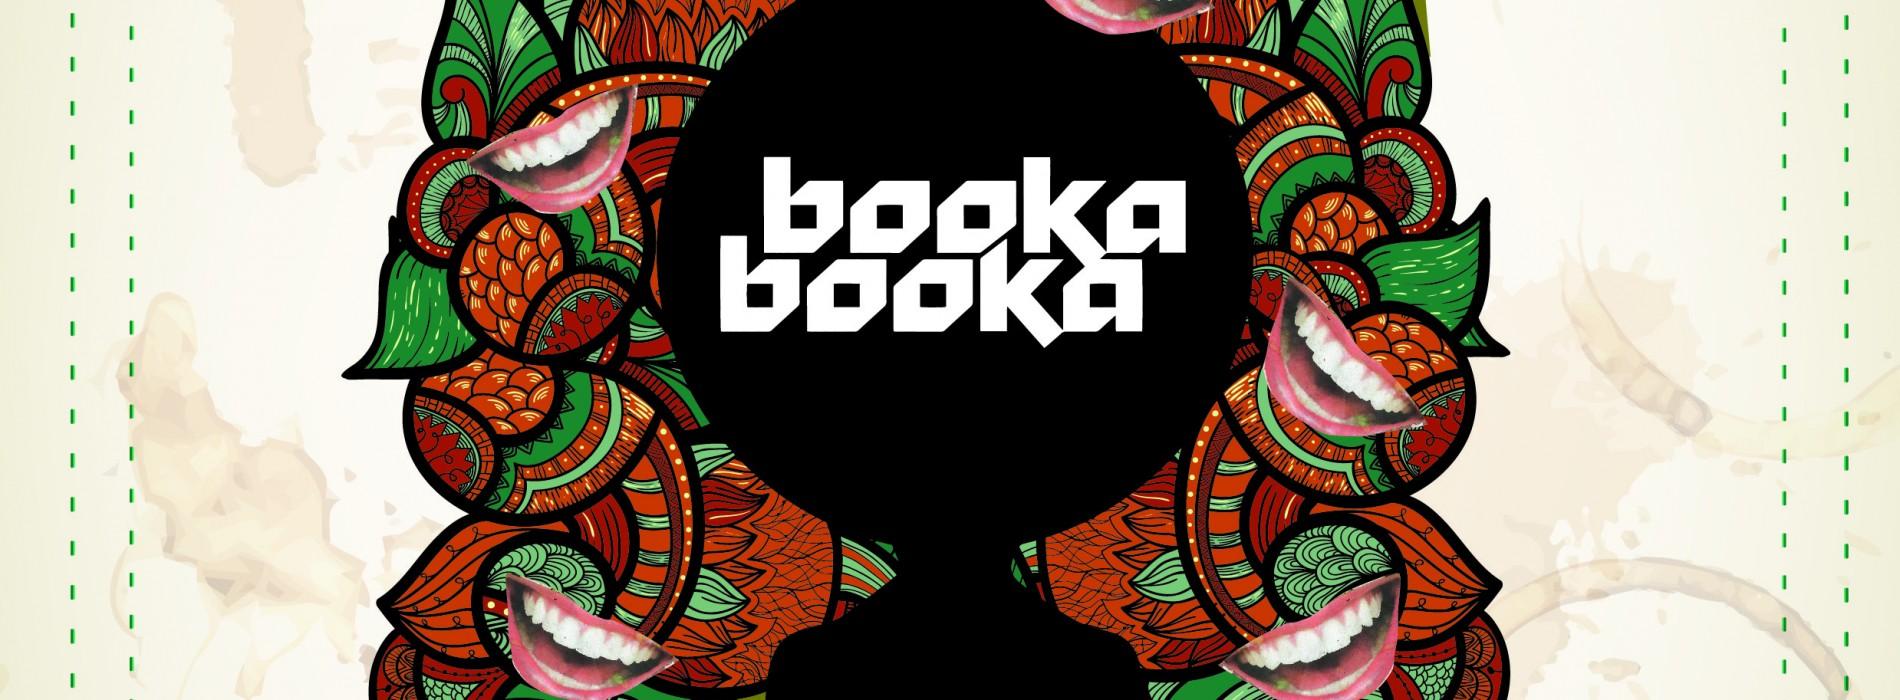 Booka Booka